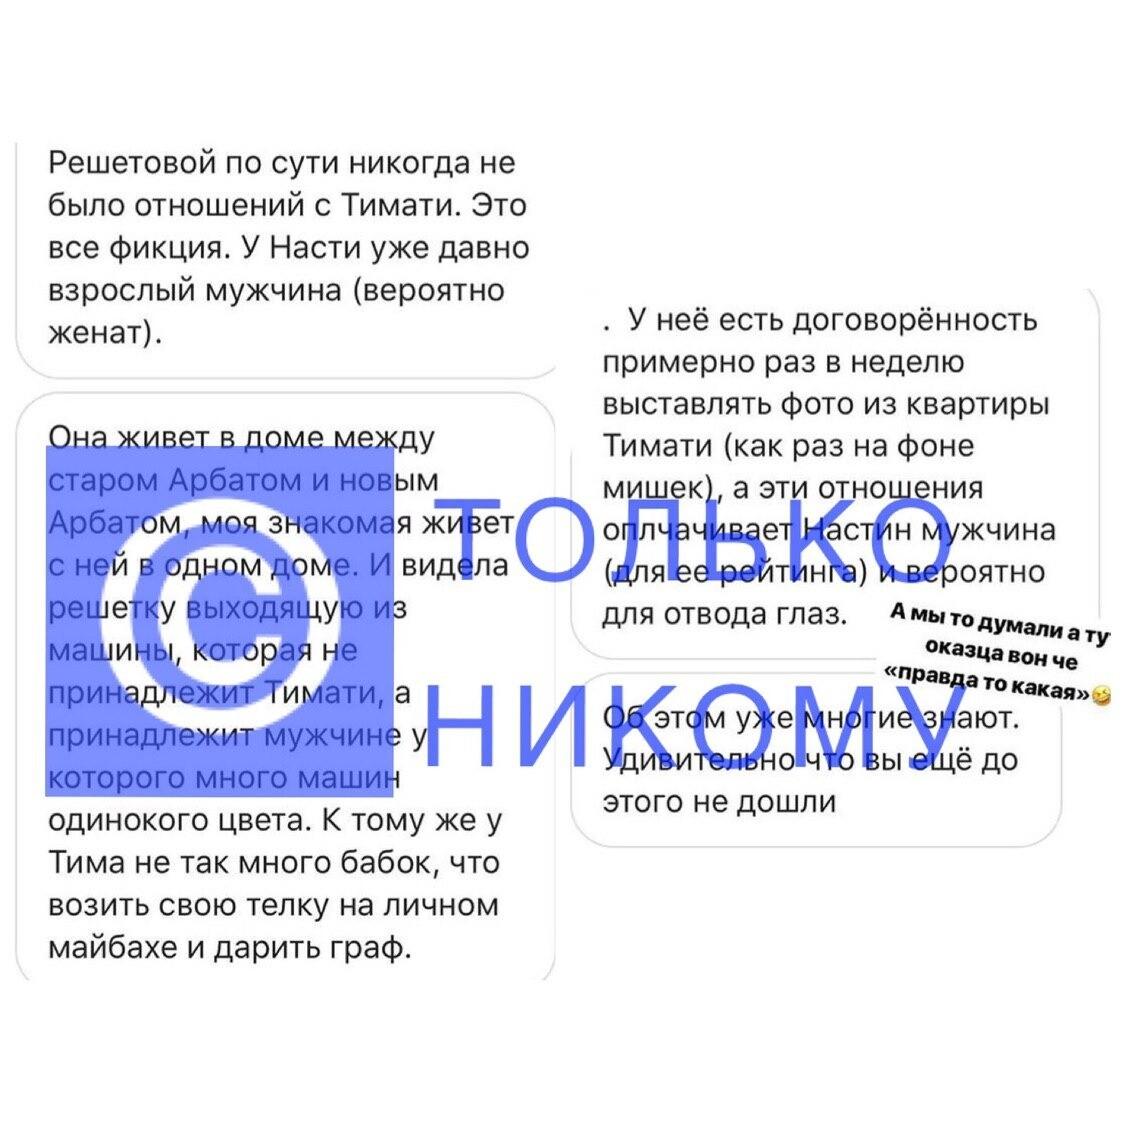 Как сообщает инсайдер Telegram-каналу...